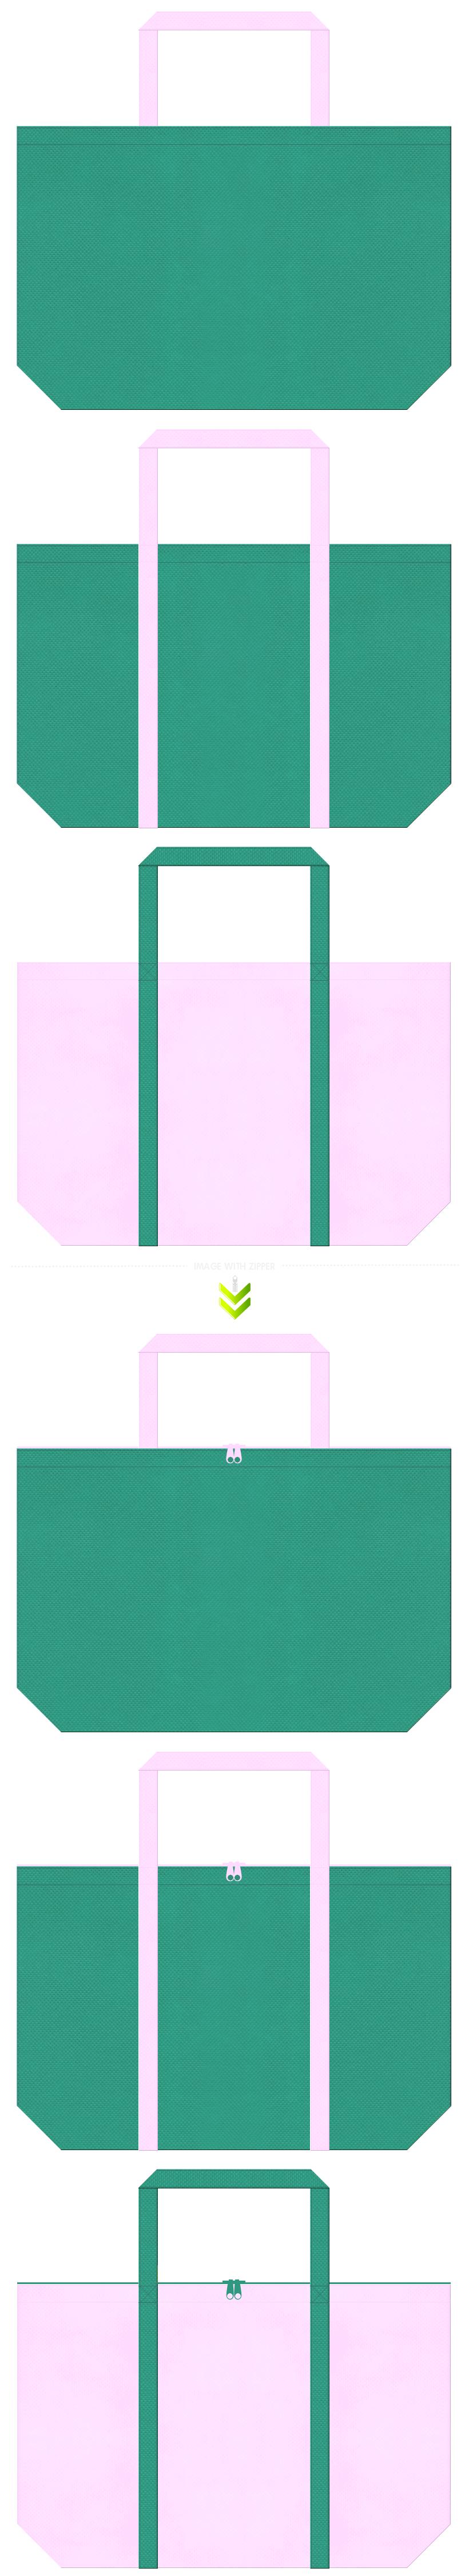 青緑色と明るいピンク色の不織布エコバッグのデザイン。掃除・洗剤等のバッグノベルティにお奨めです。